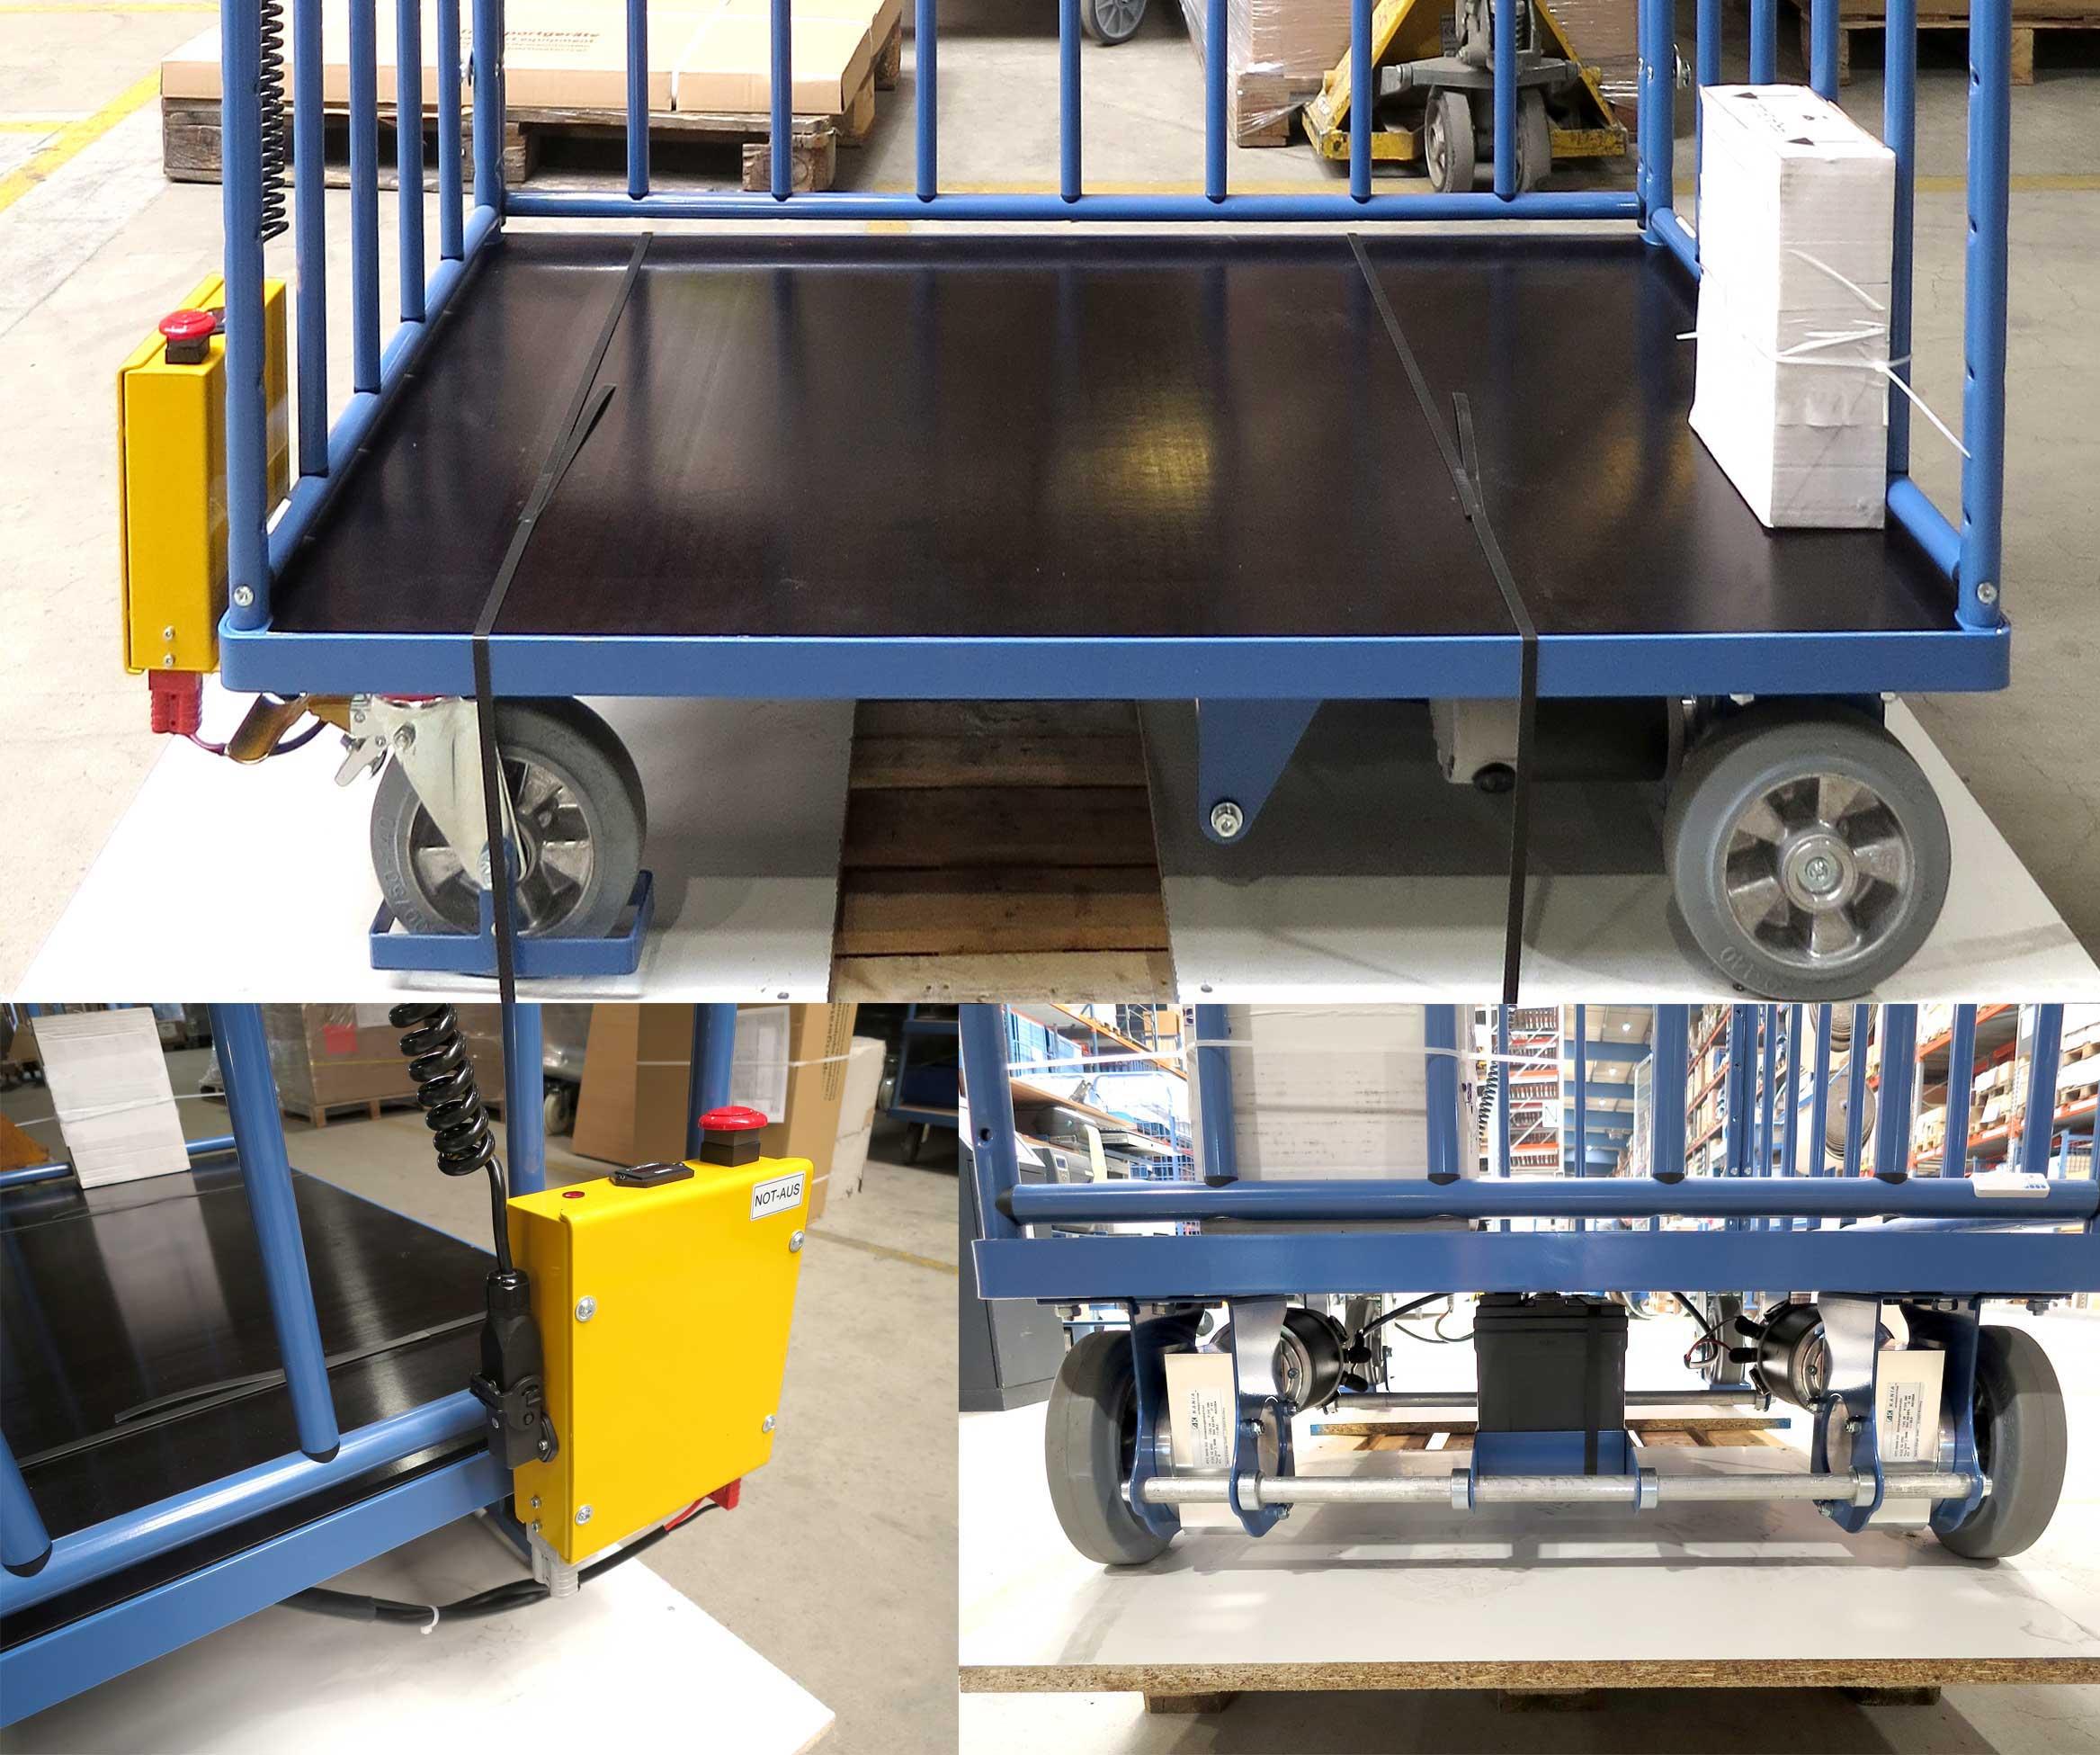 Gitterwagen mit Siebdruckplatte und Elektro-Fahrantrieb, hier Detailaufnahmen Motor, Steuereinheit etc.